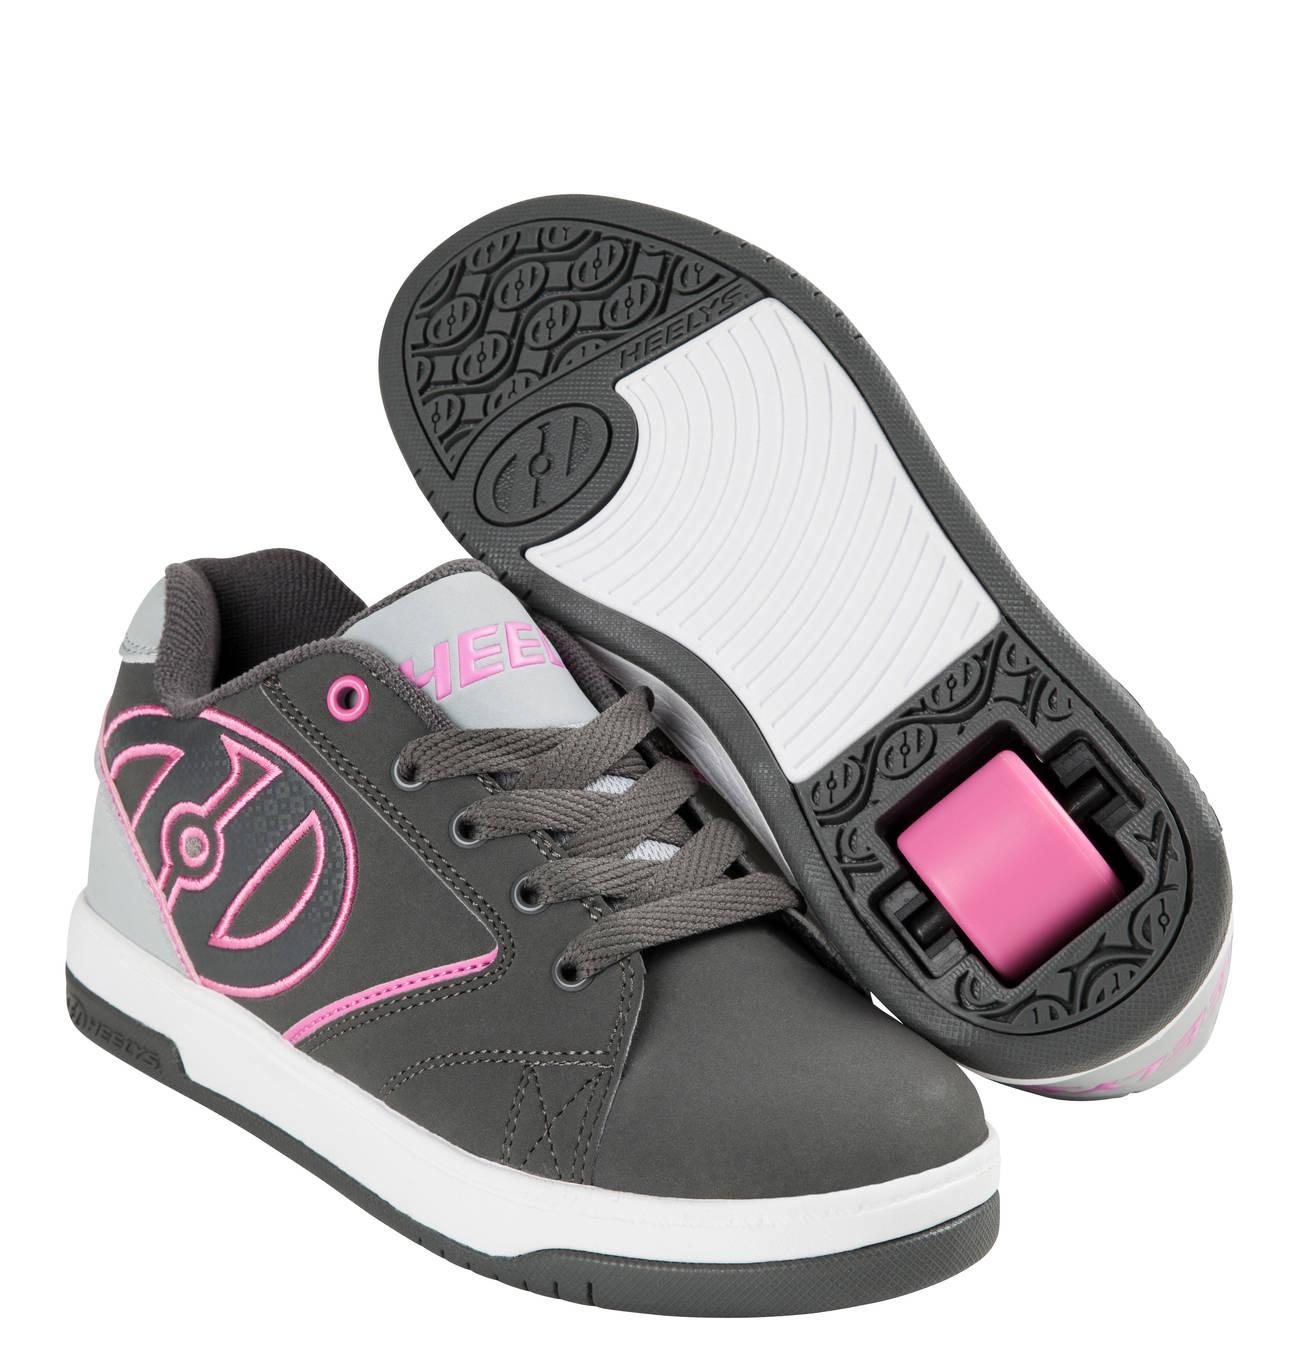 Schuhe mit Rollen